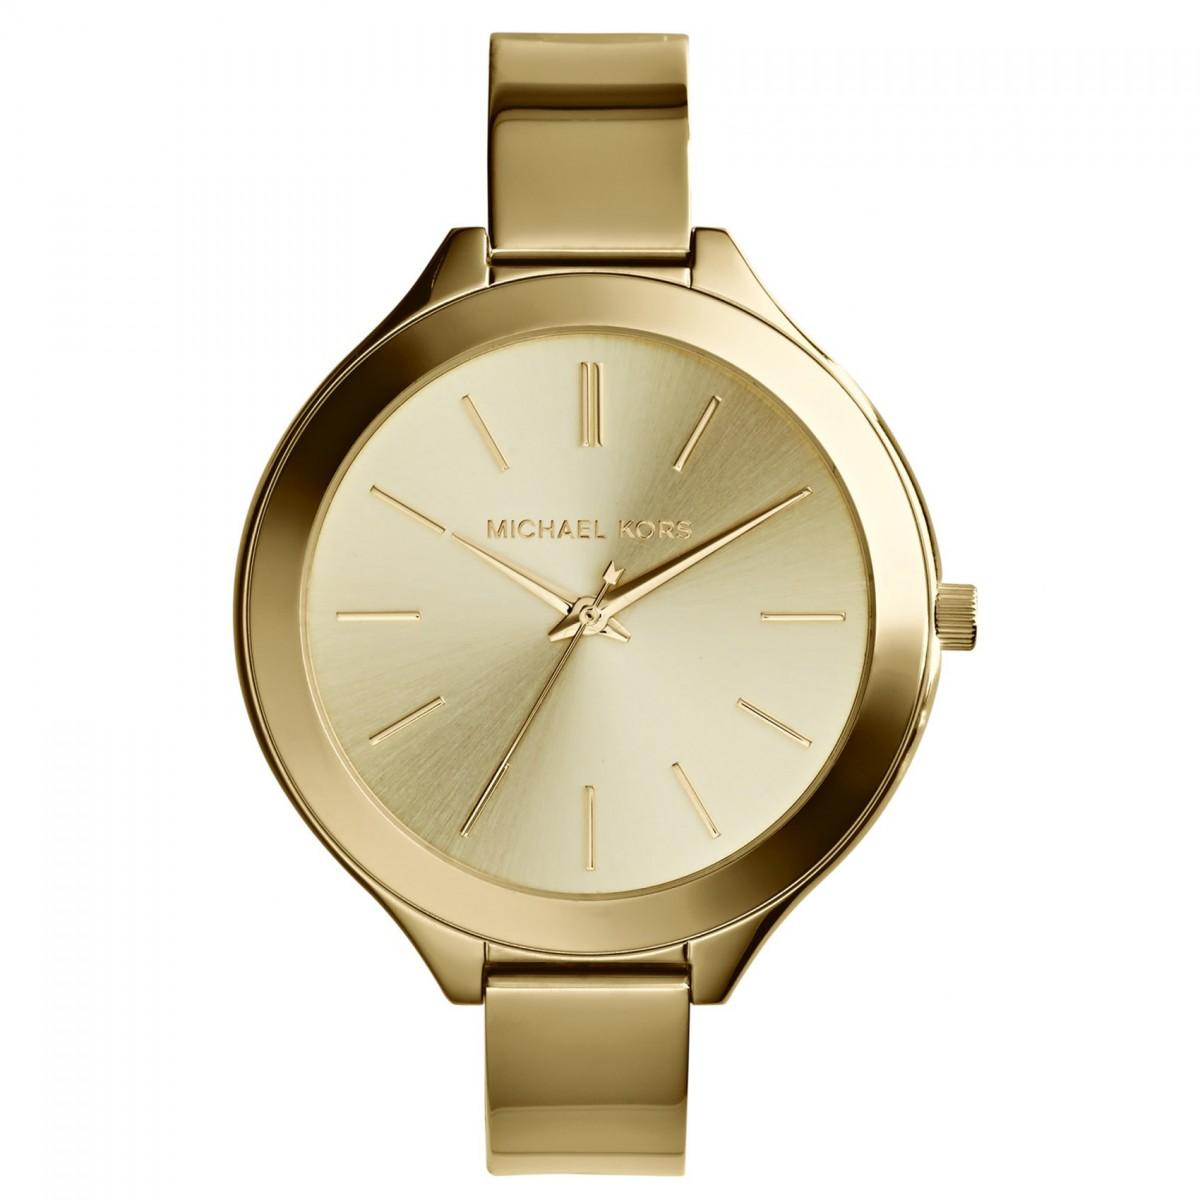 Compre Relógio Michael Kors Runway Slim em 10X   Tri-Jóia Shop 5236a2eced